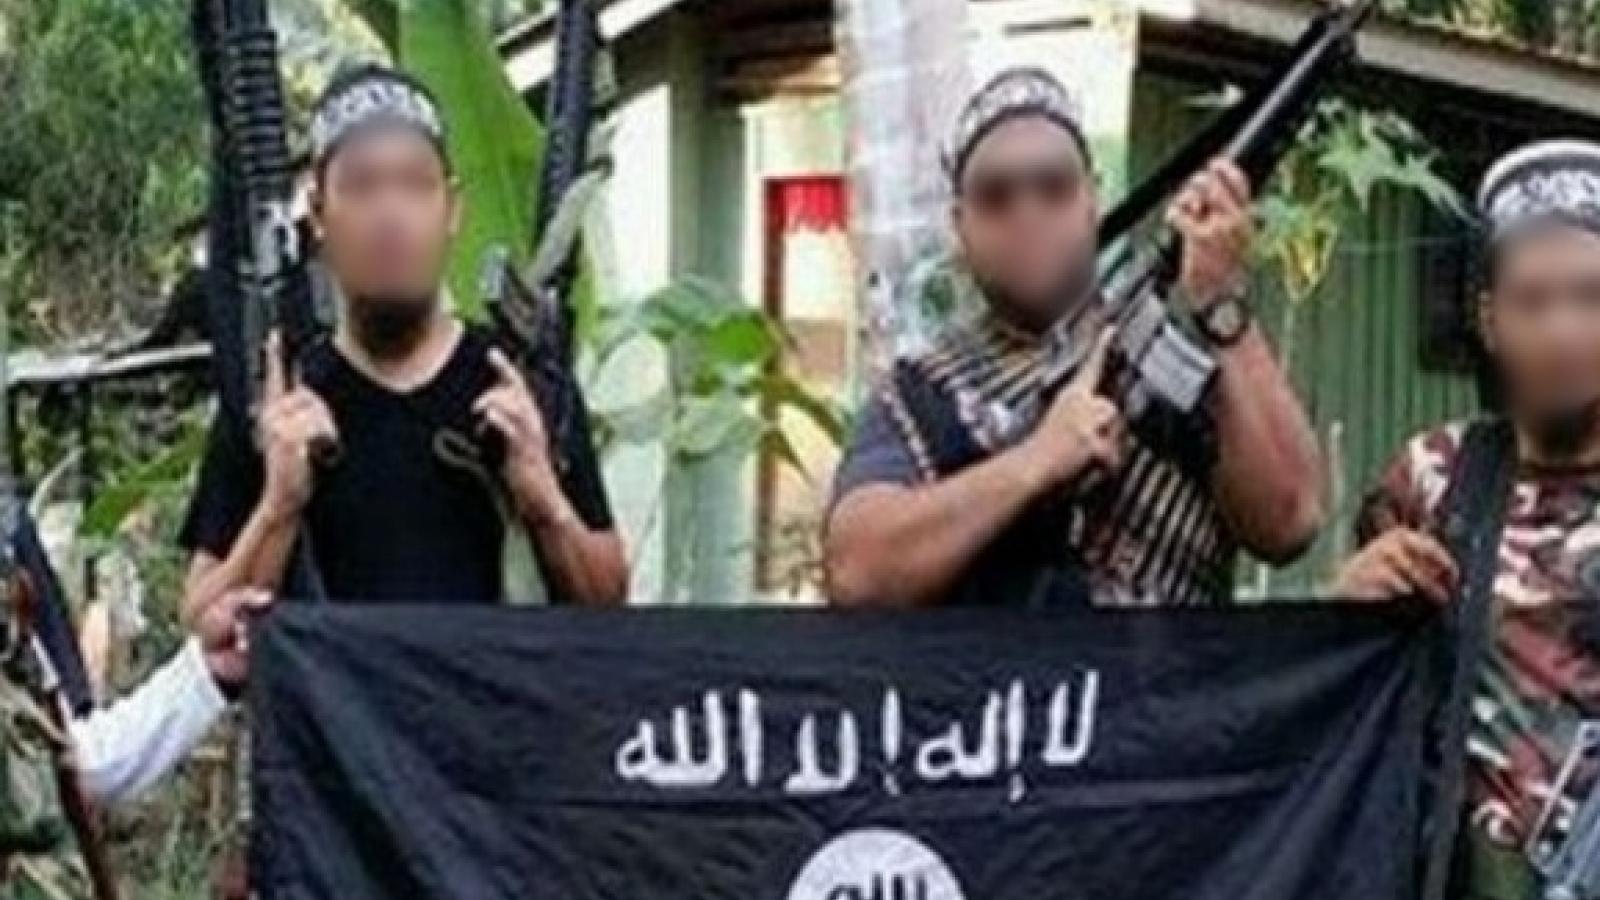 Nhật Bản cảnh báo công dân về nguy cơ đánh bom liều chết ở các nước Đông Nam Á